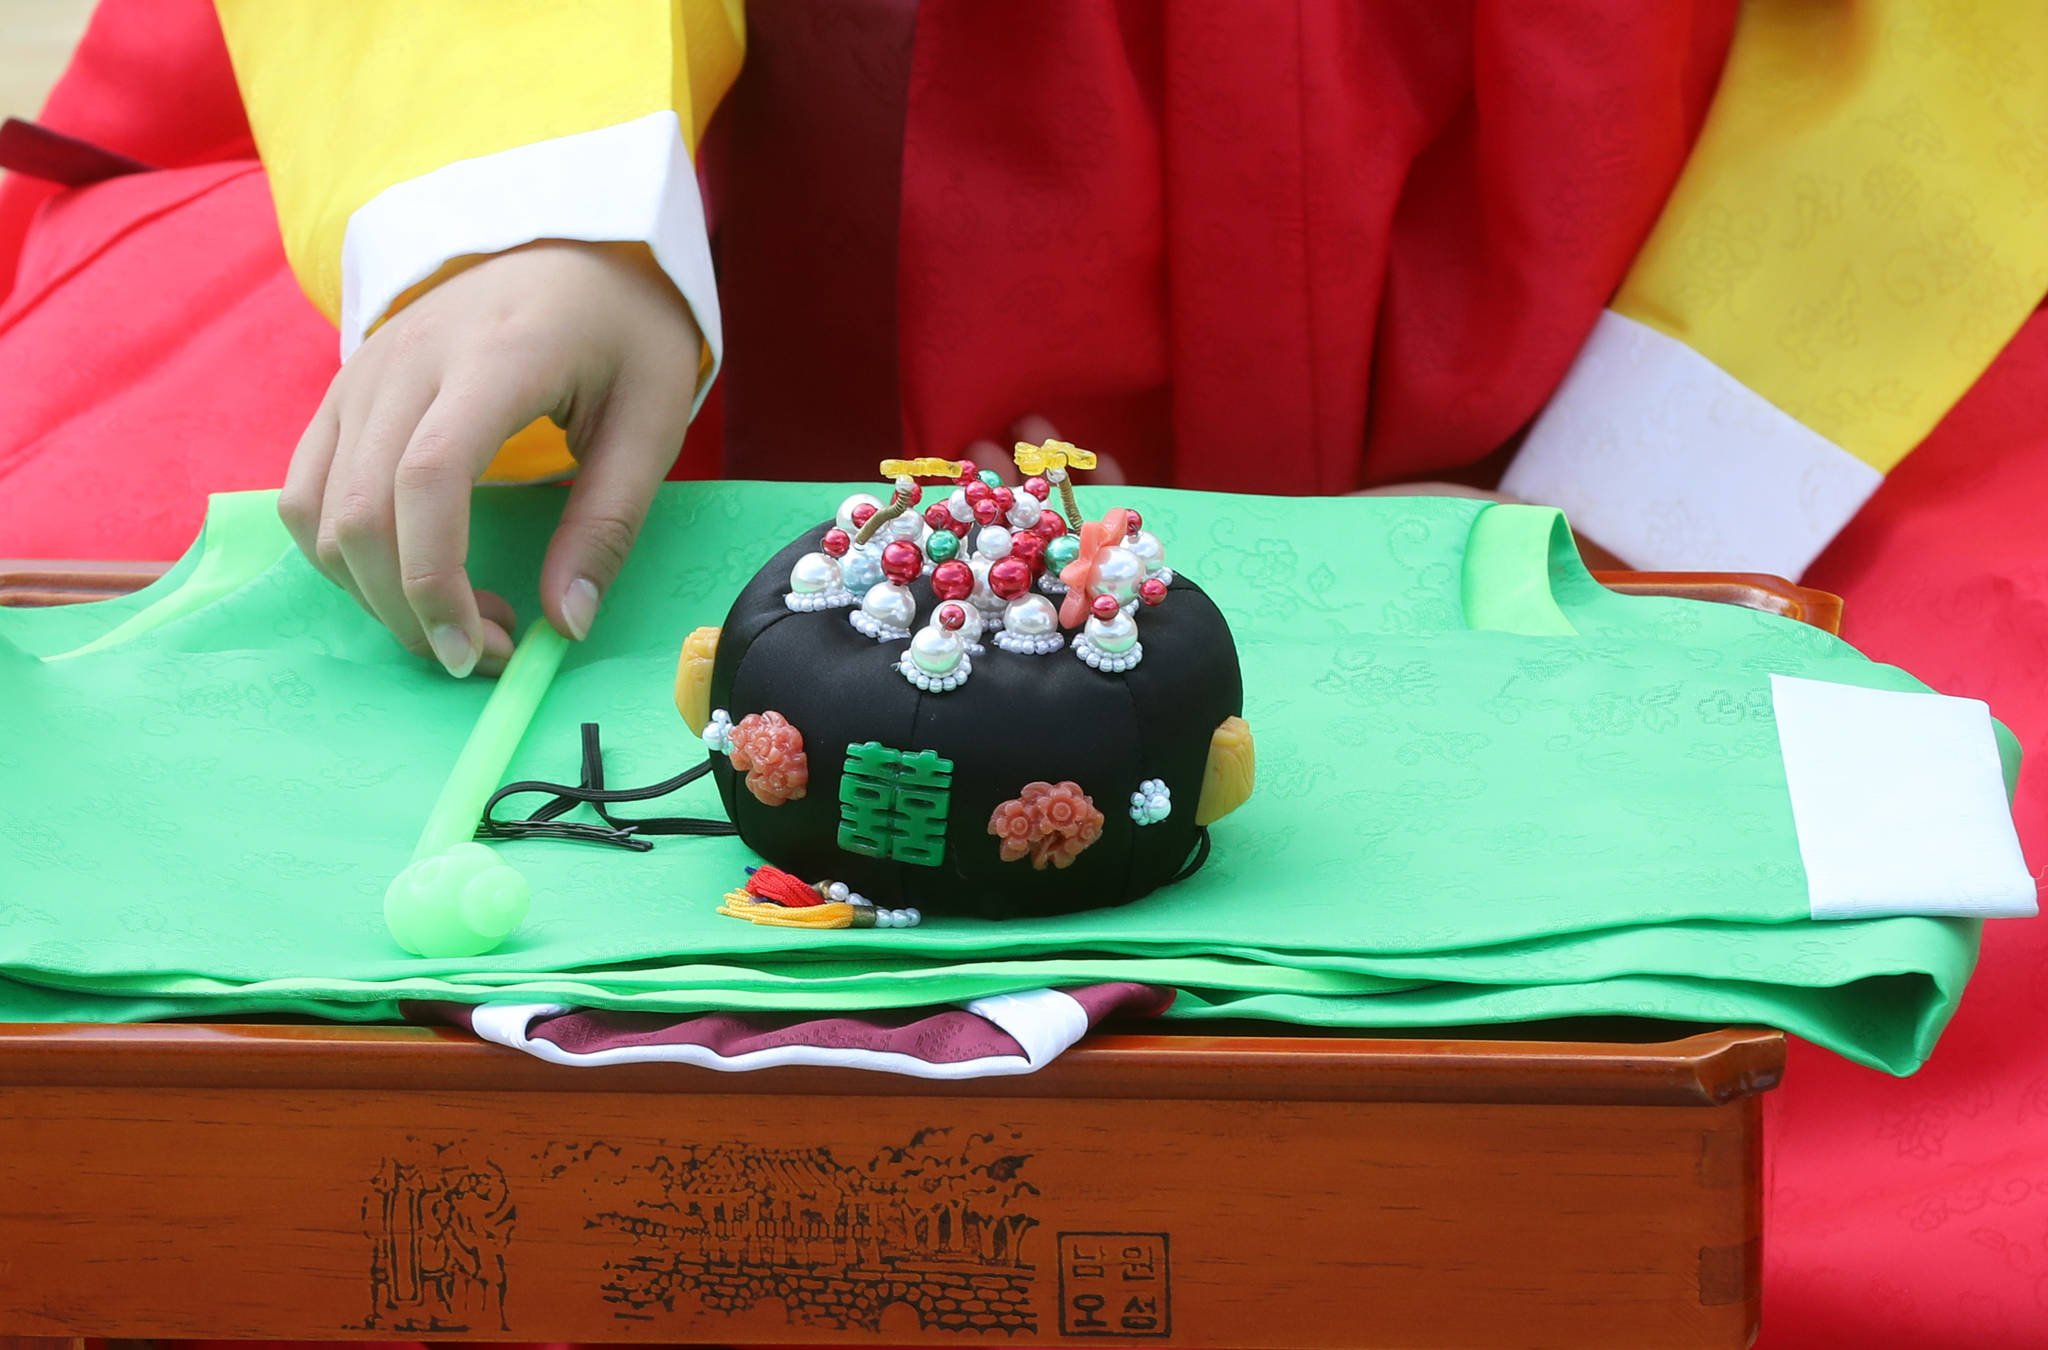 서울시가 주최하고 예지원이 주관한 성년의날 전통기념식이 15일 서울 남산한옥마을에서 열렸다.강정현 기자